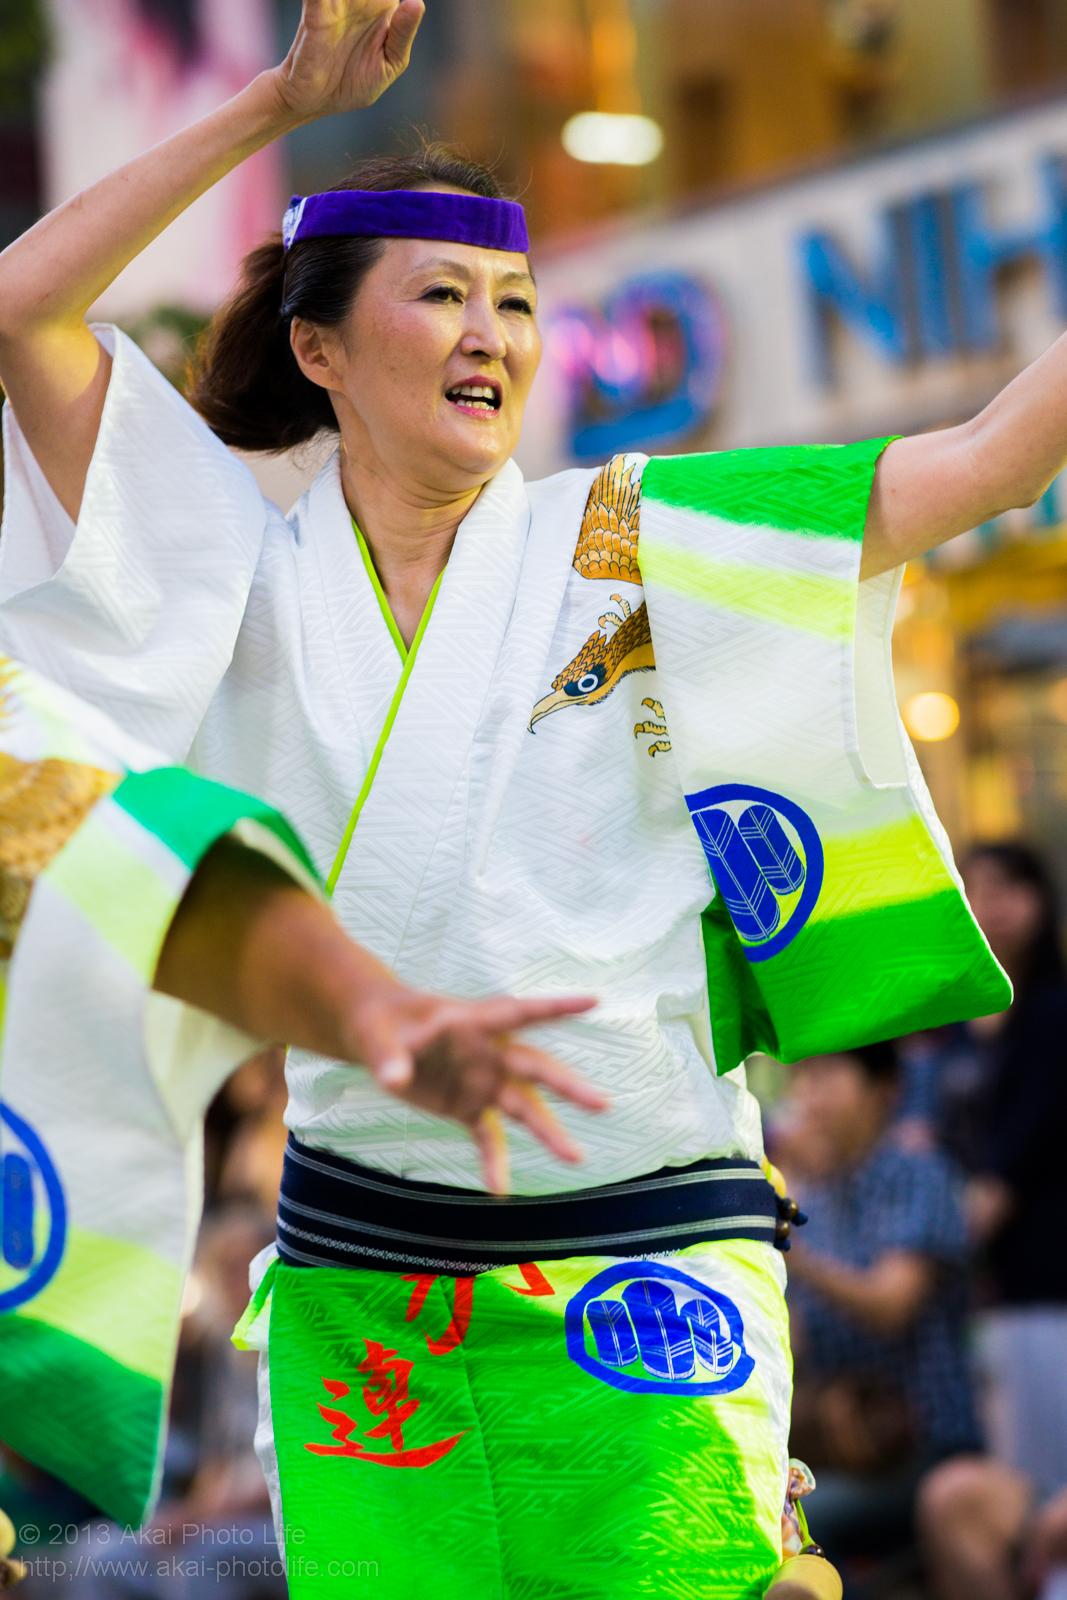 三鷹阿波踊り、みたか連の女性の男踊り